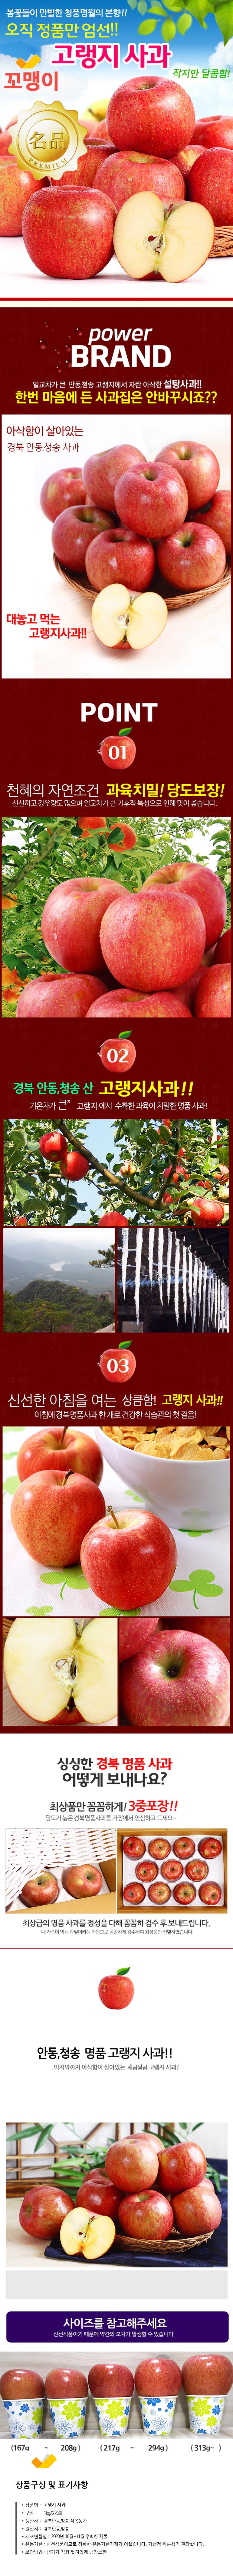 kkomaengapple_page_1kg_6~9.jpg